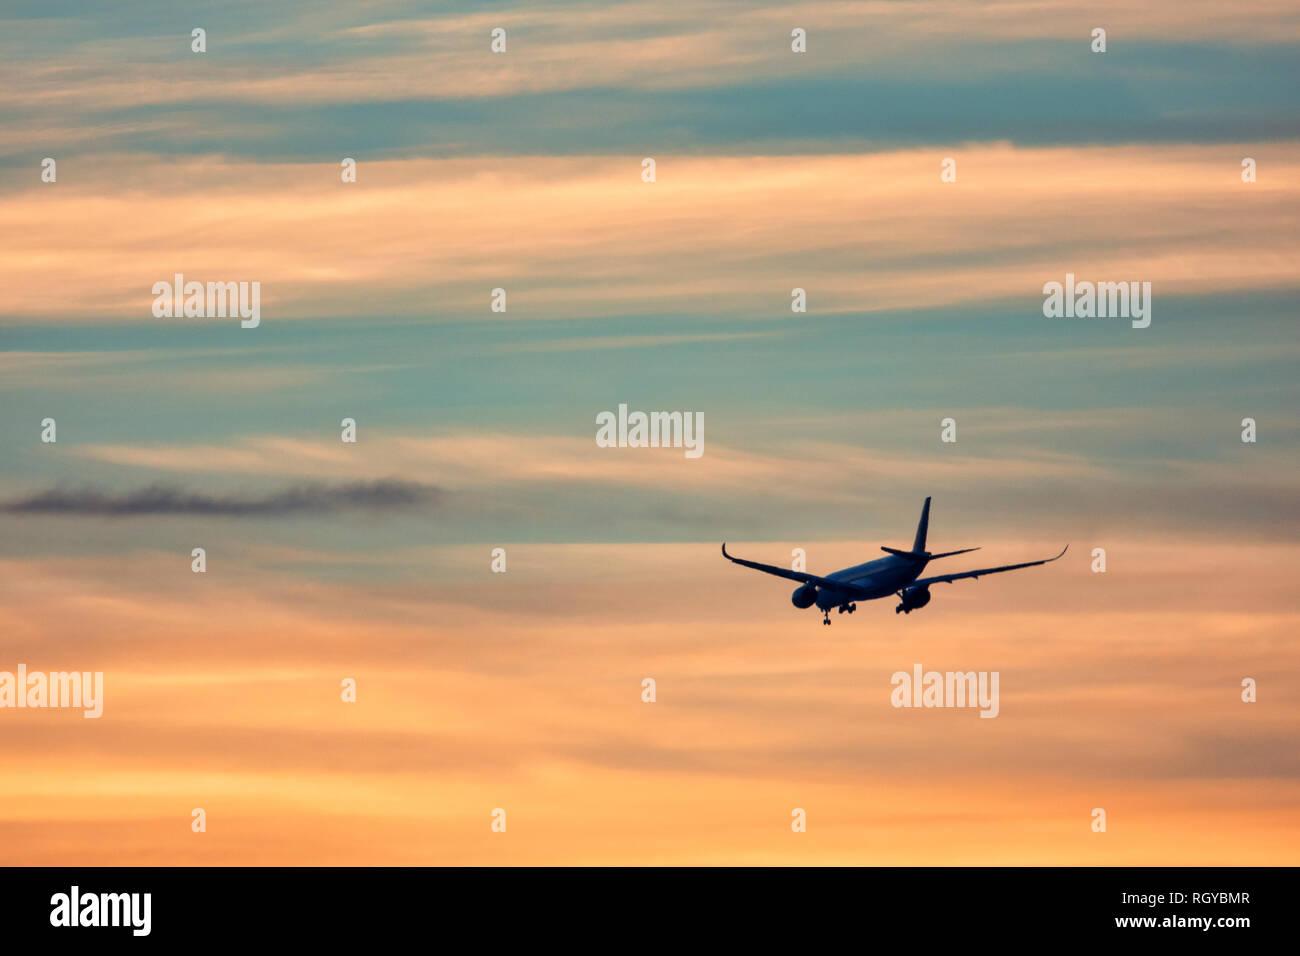 Flugzeug in den Sonnenuntergang Stockbild